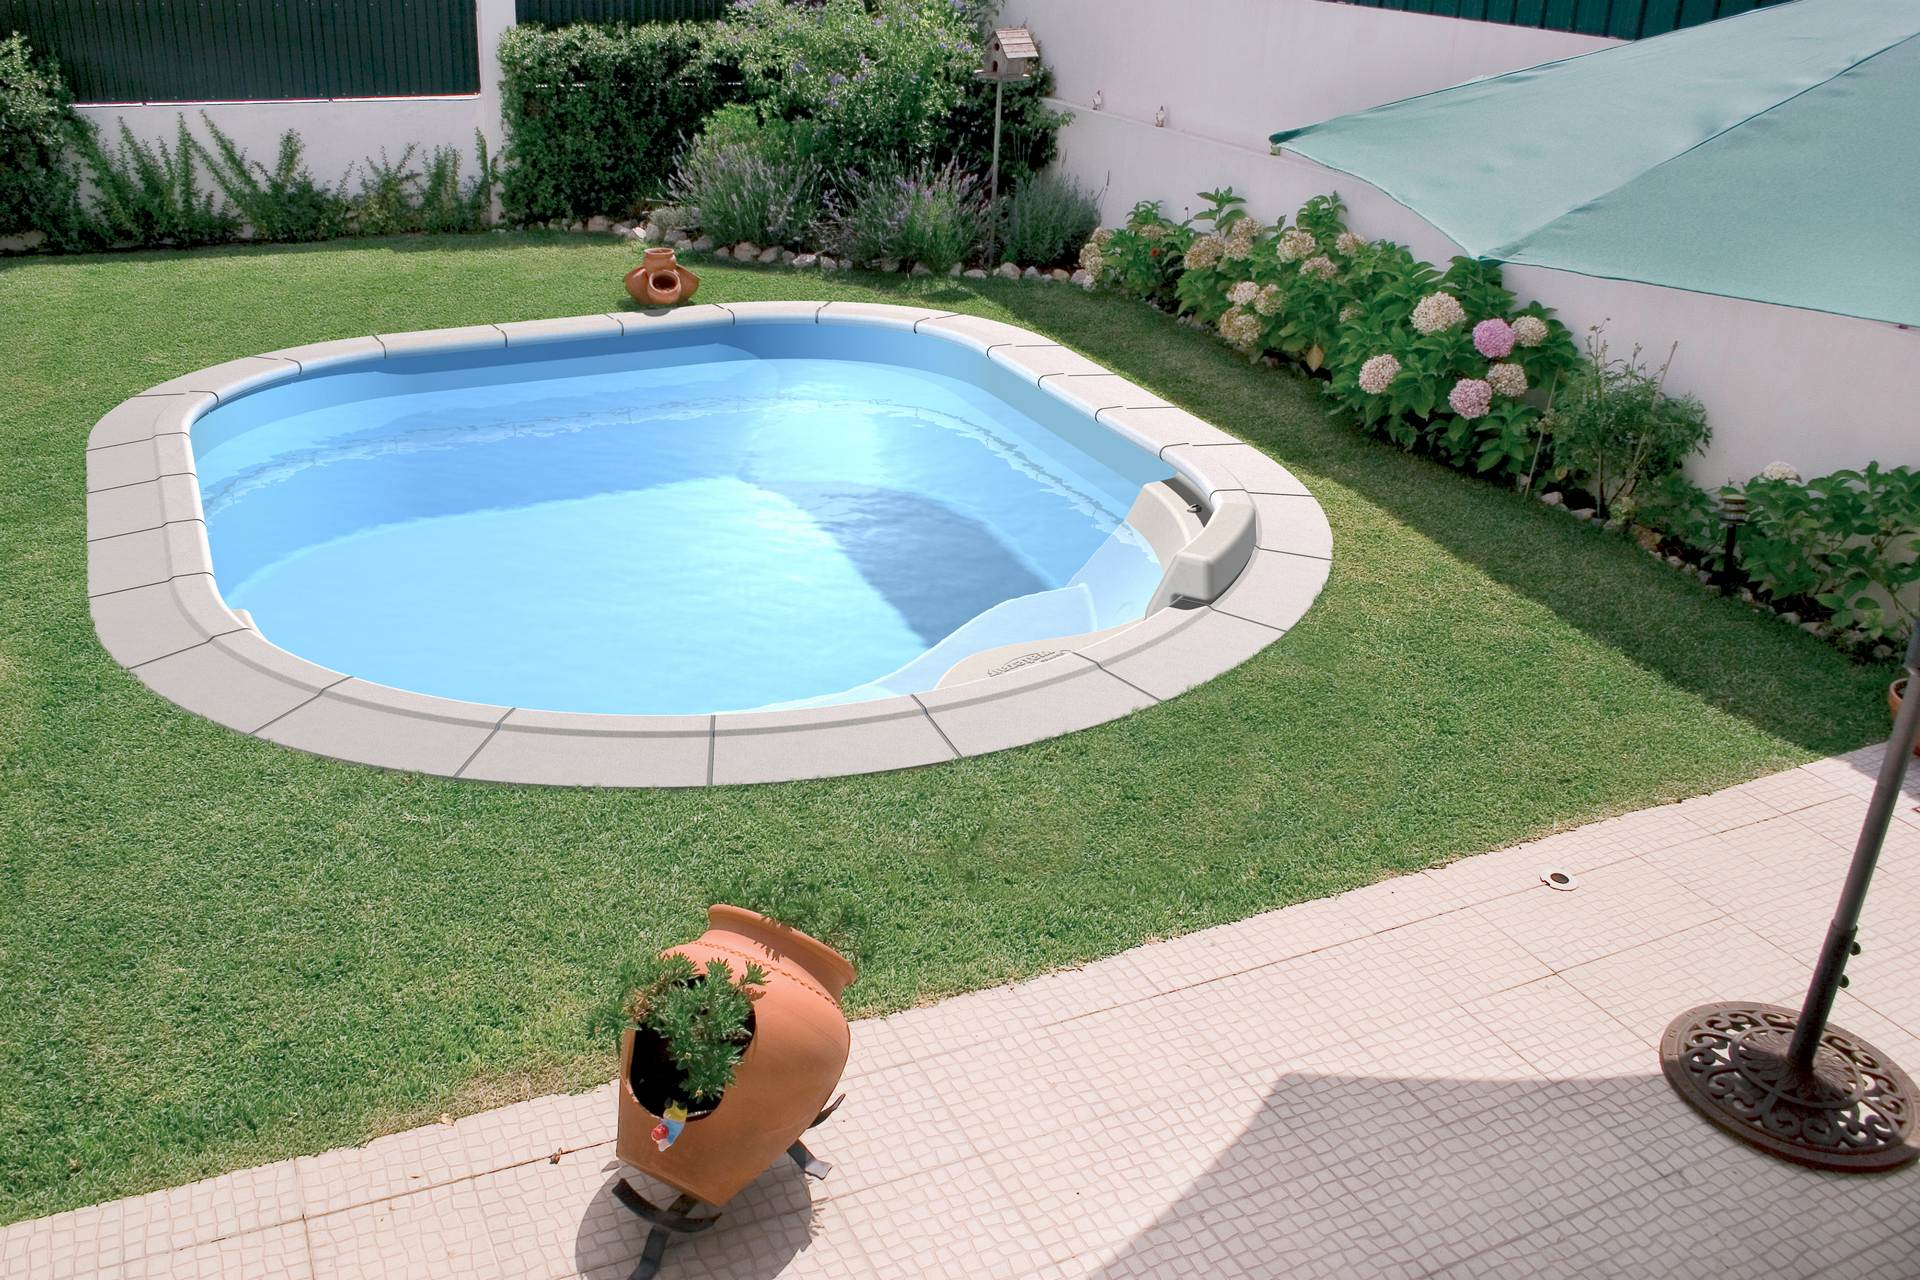 Piscinas enterradas vs piscinas de superf cie marpic - Piscinas enterradas ...